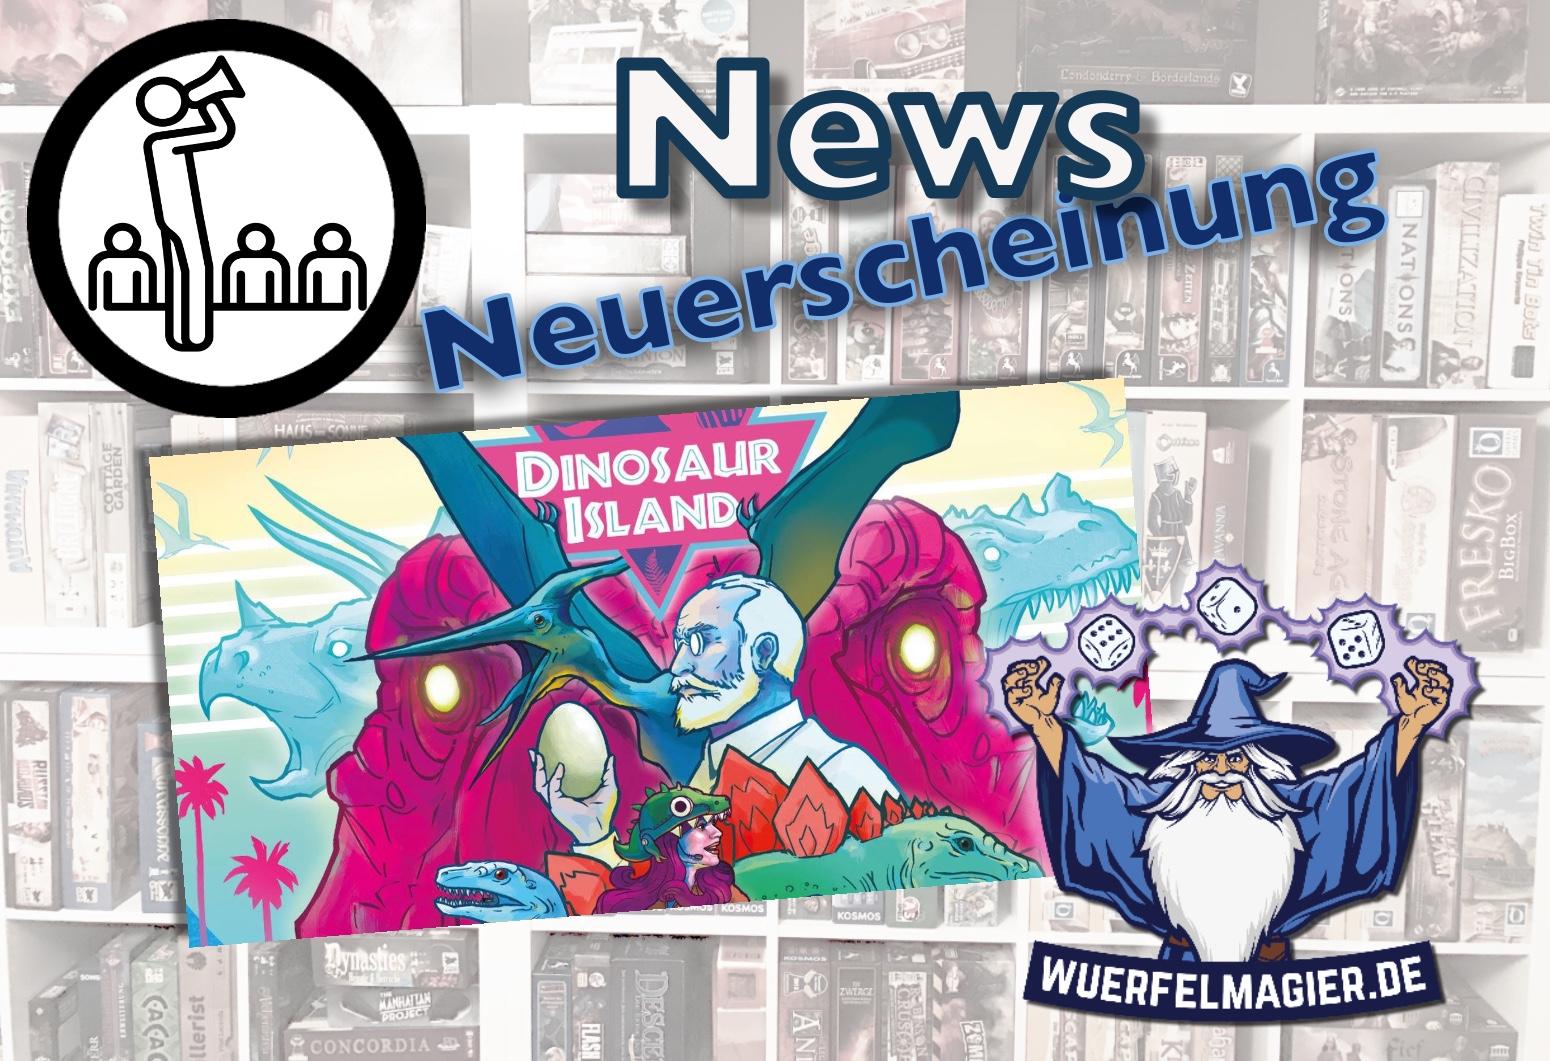 Neuerscheinung News Feuerland Dinosaur Island Wuerfelmagier Würfelmagier